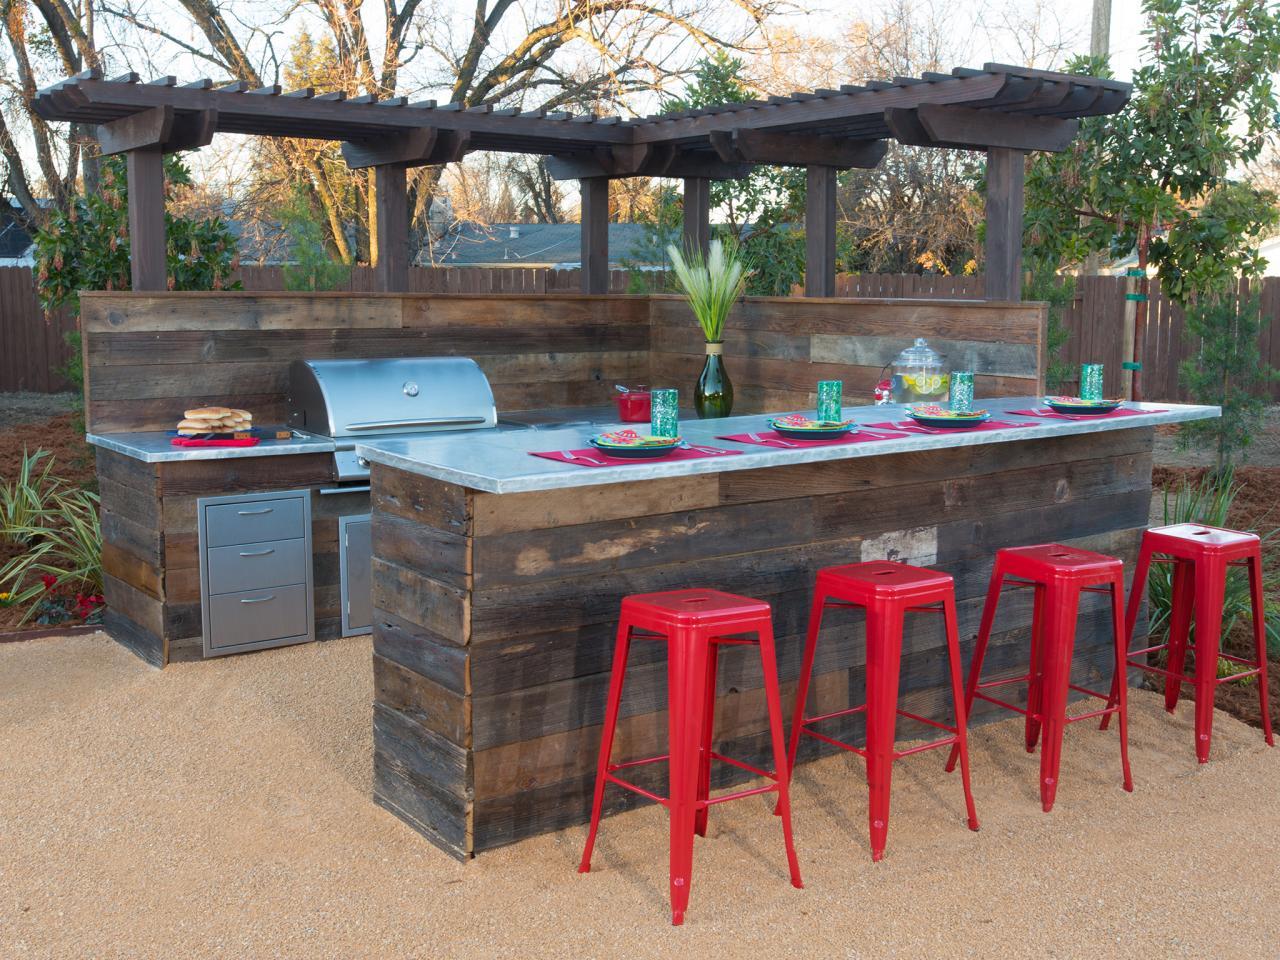 Outdoor Küche Gartenküche : Grill küchen outdoorküche die küche für den garten gartenxxl